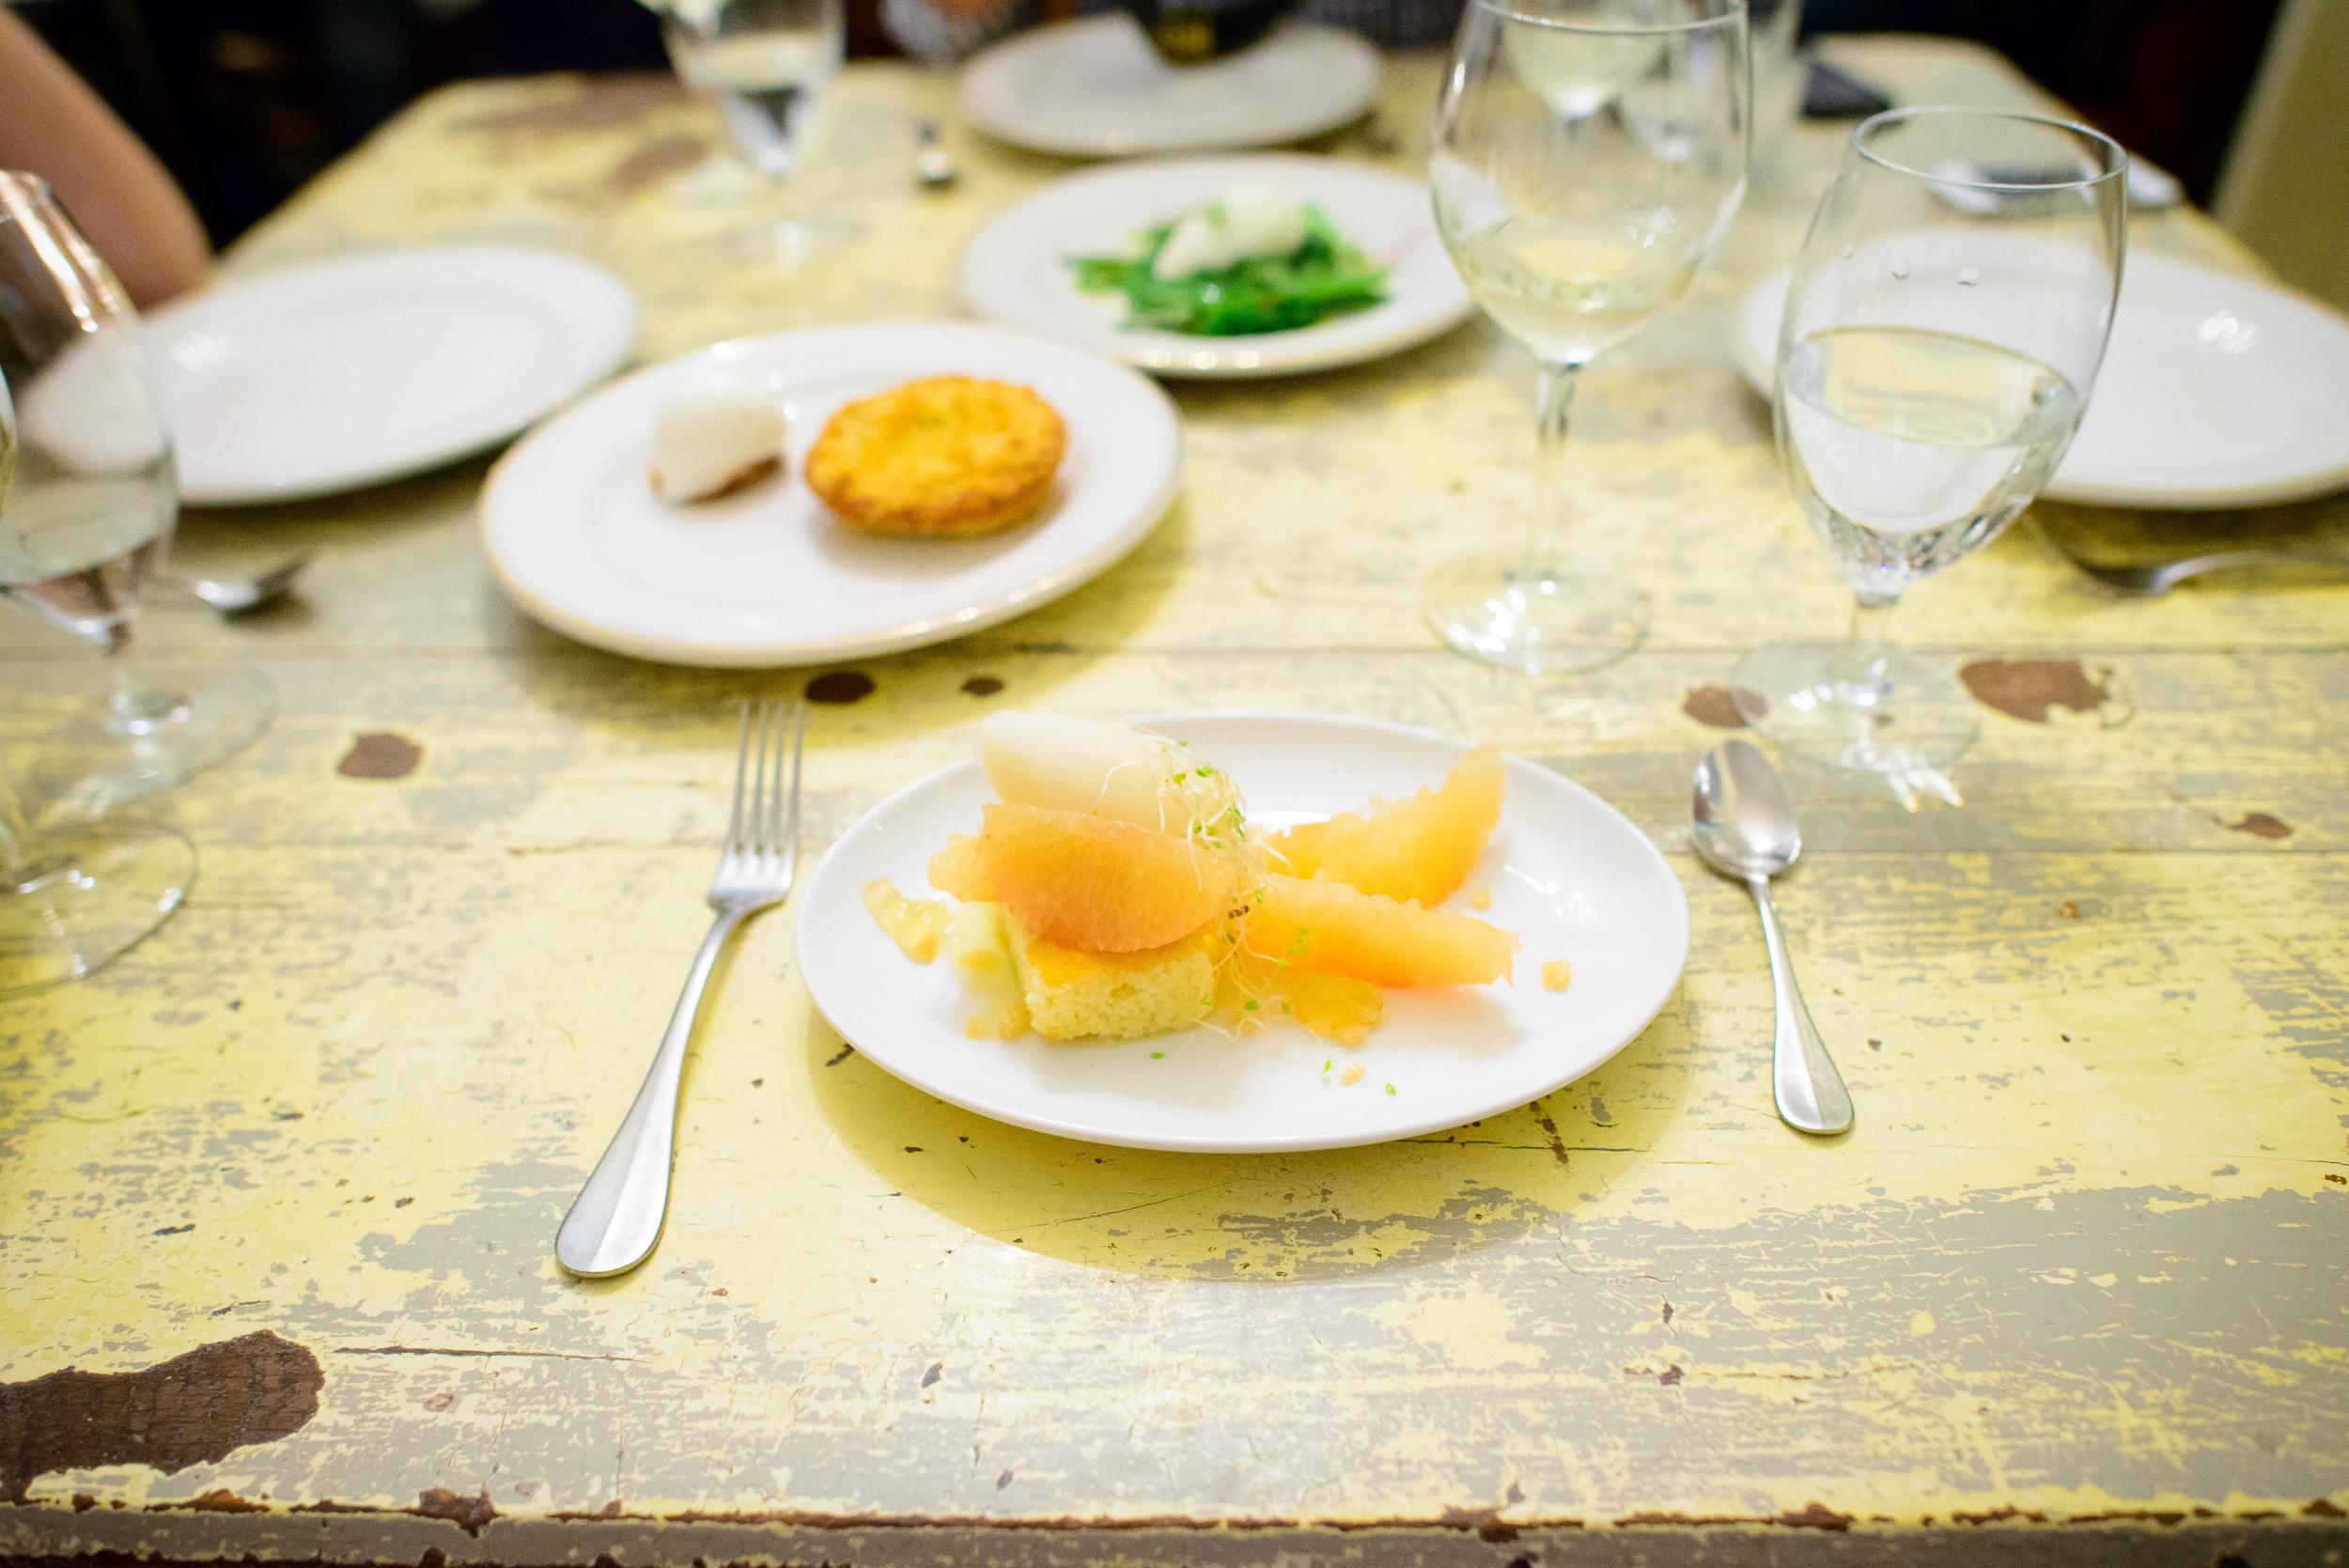 Toronjas, gengibre (cristalizado y en el panque) limon (nieve y